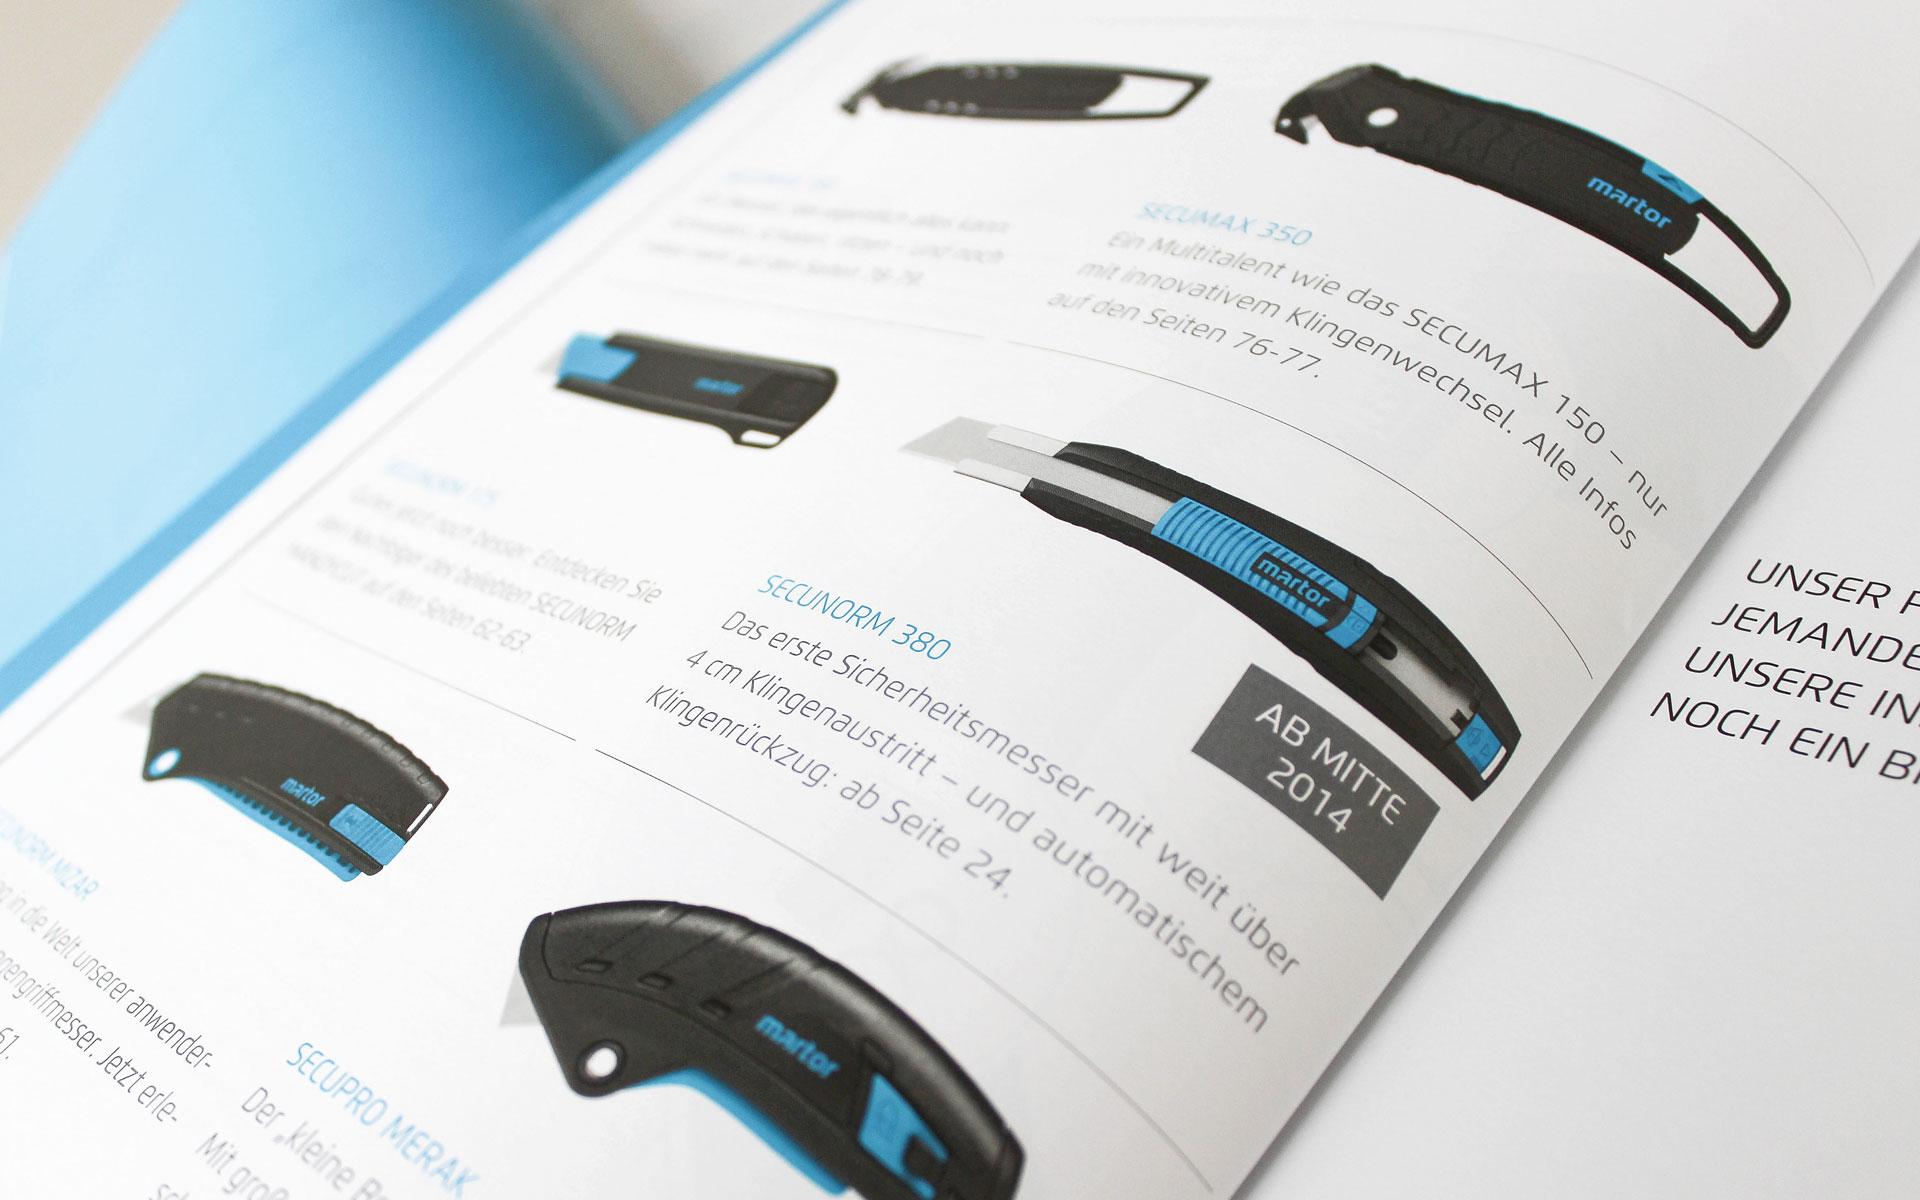 MARTOR Broschürenkonzept, Sicherheitsmesser Katalog, Produktübersicht